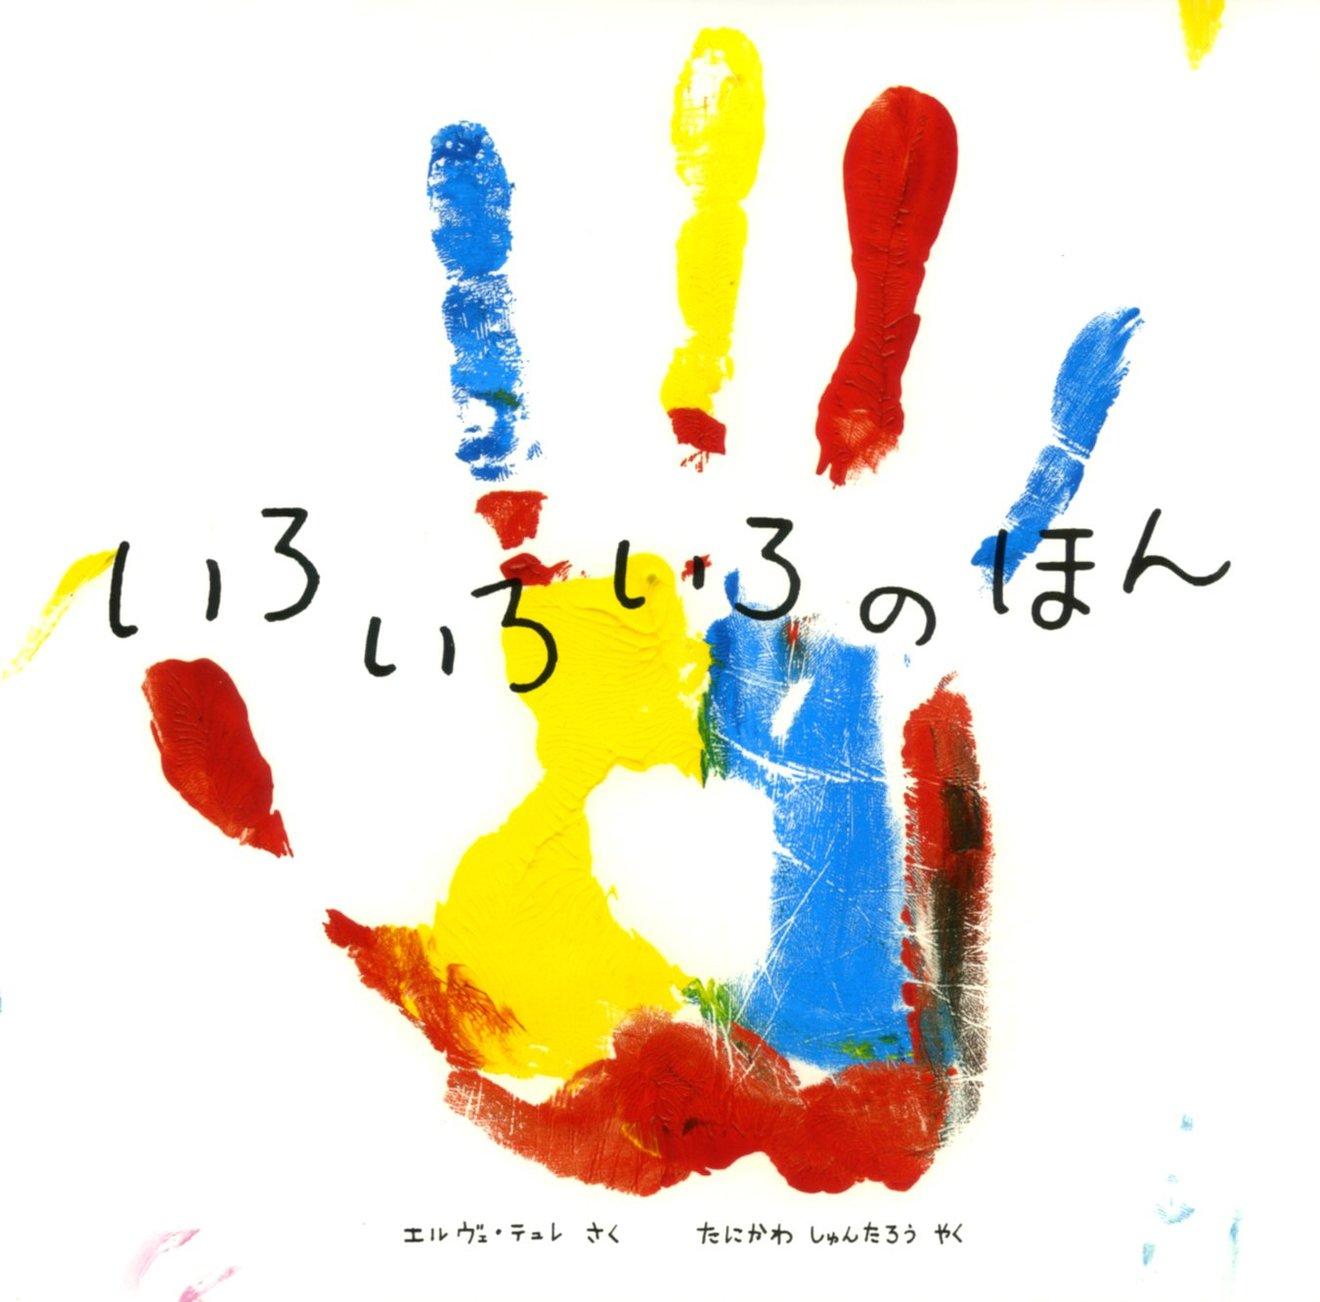 色を覚える絵本おすすめ6選!0歳~5歳まで、年齢別に人気作を紹介!